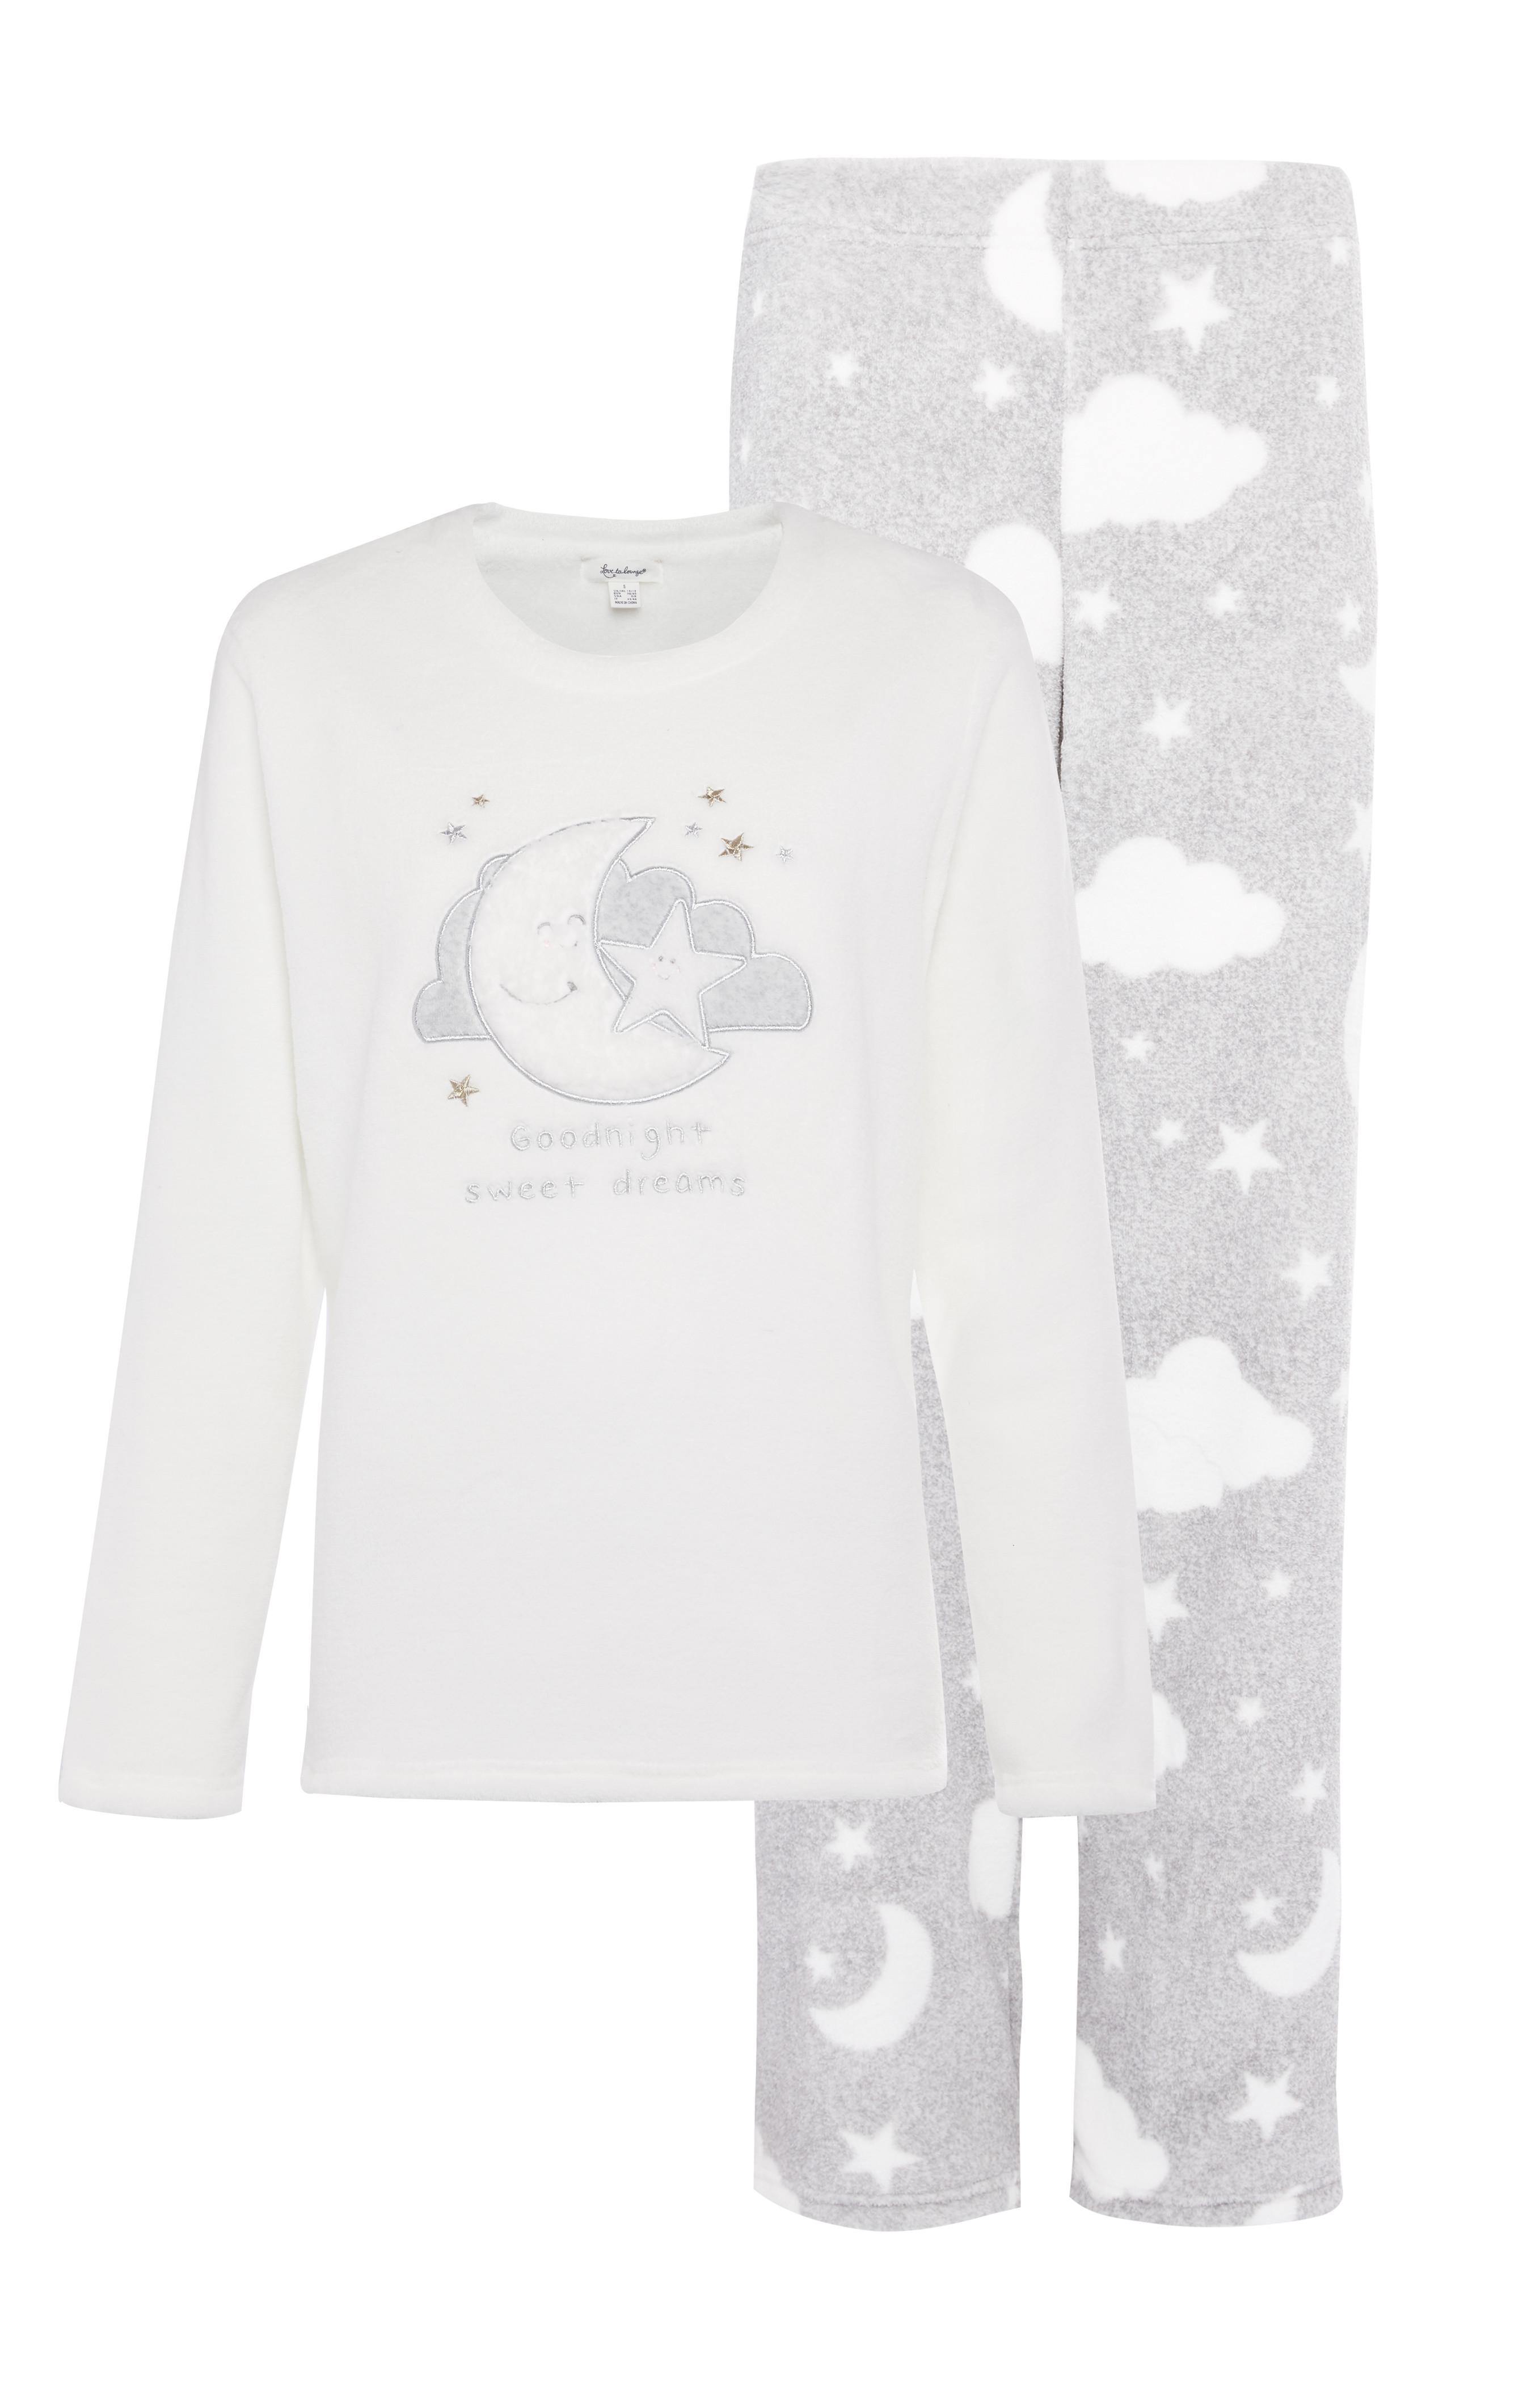 Primark Ladies Disney Women Aristocrat Marie The Cat pyjama tshirt Top Nightwear